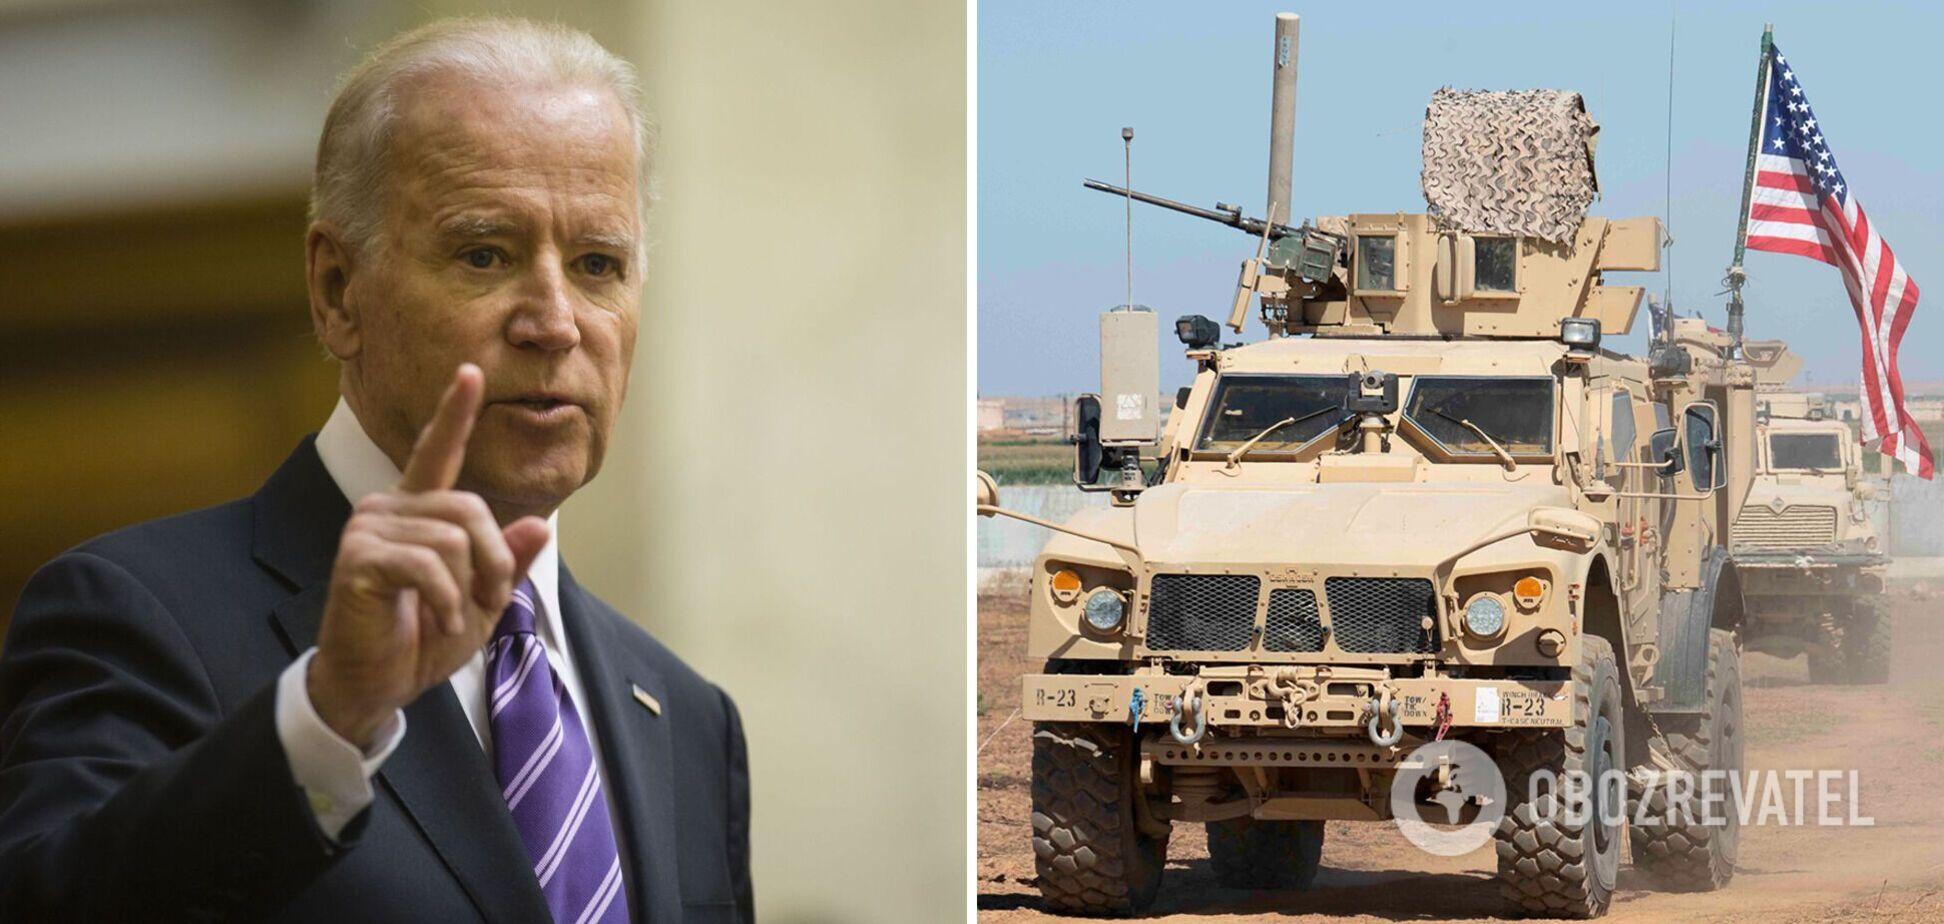 Байден заявив про підготовку атак по військових США іранськими угрупованнями